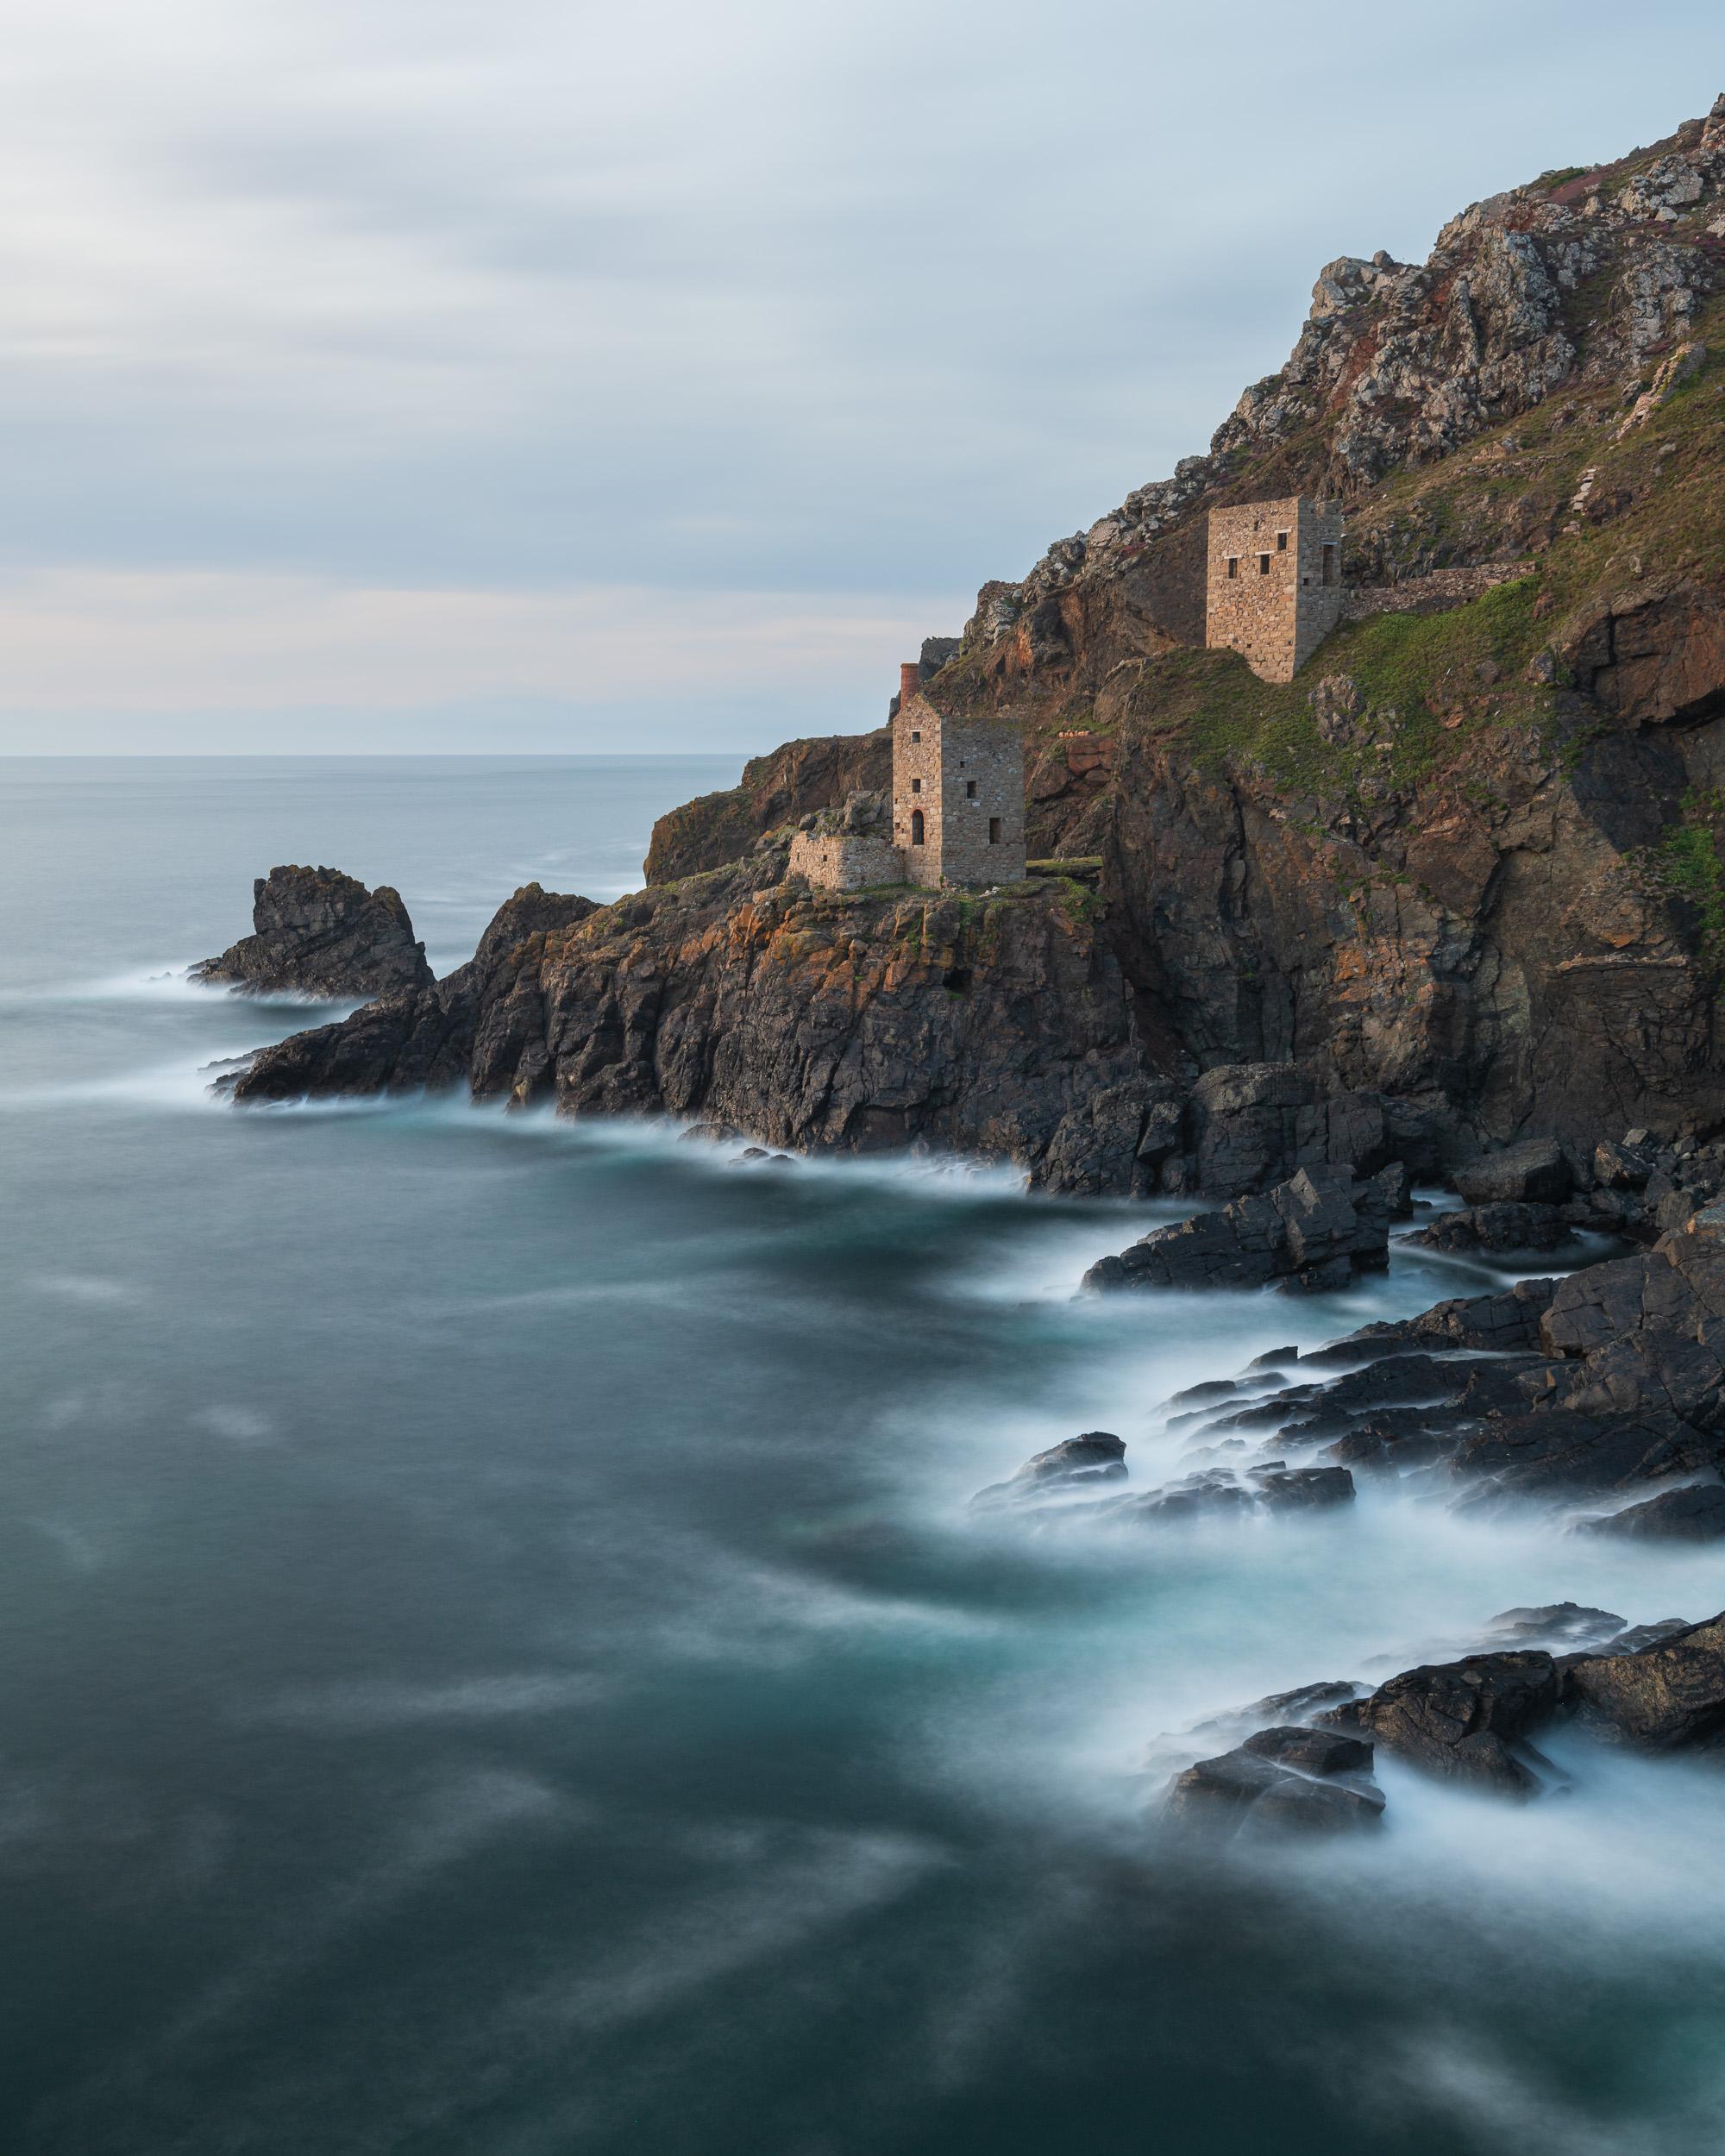 Botallack #3, Cornwall  - Nikon D850, Nikkor 16-35 mm f/4 at 30 mm, f/13, 90 sec at ISO 64, Kase CPL and 6 stop ND.